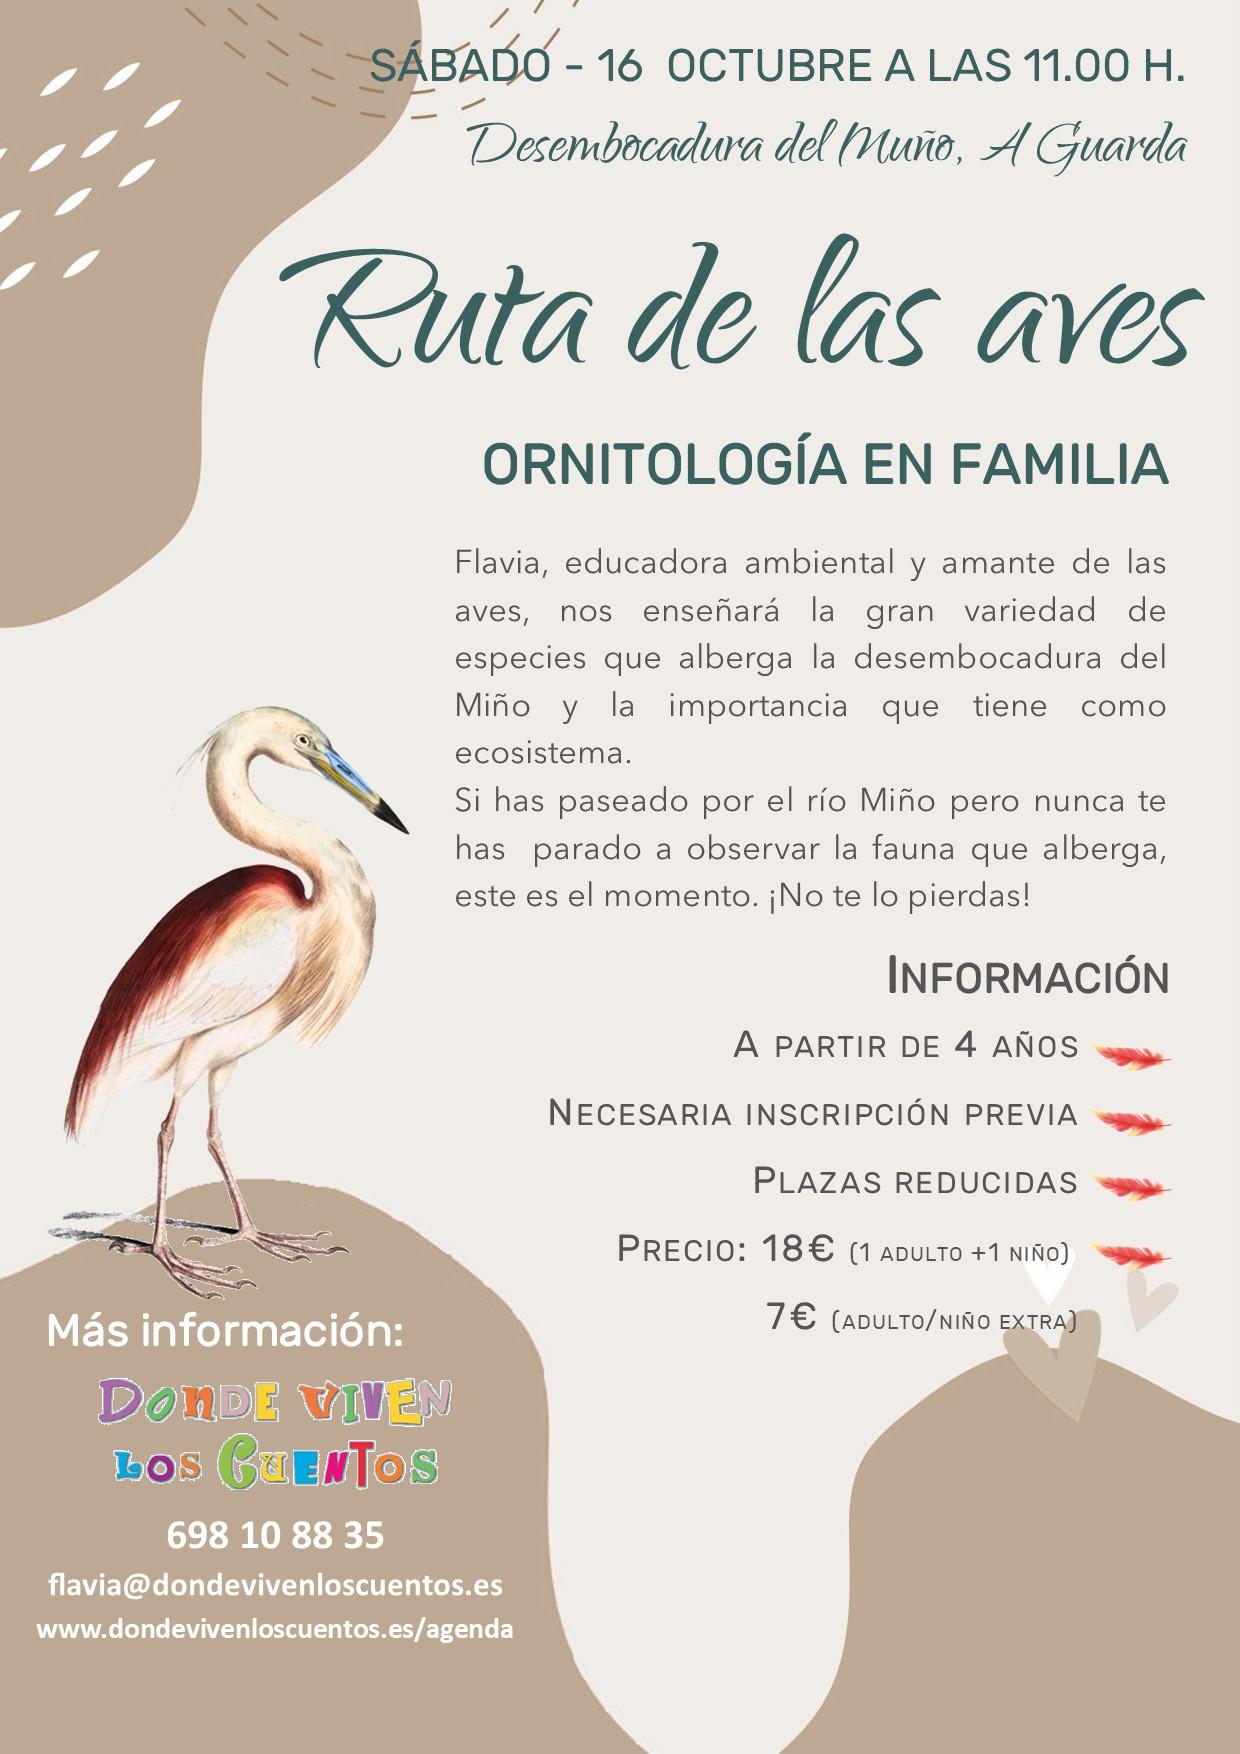 Ruta en familia sobre las aves en A Guarda